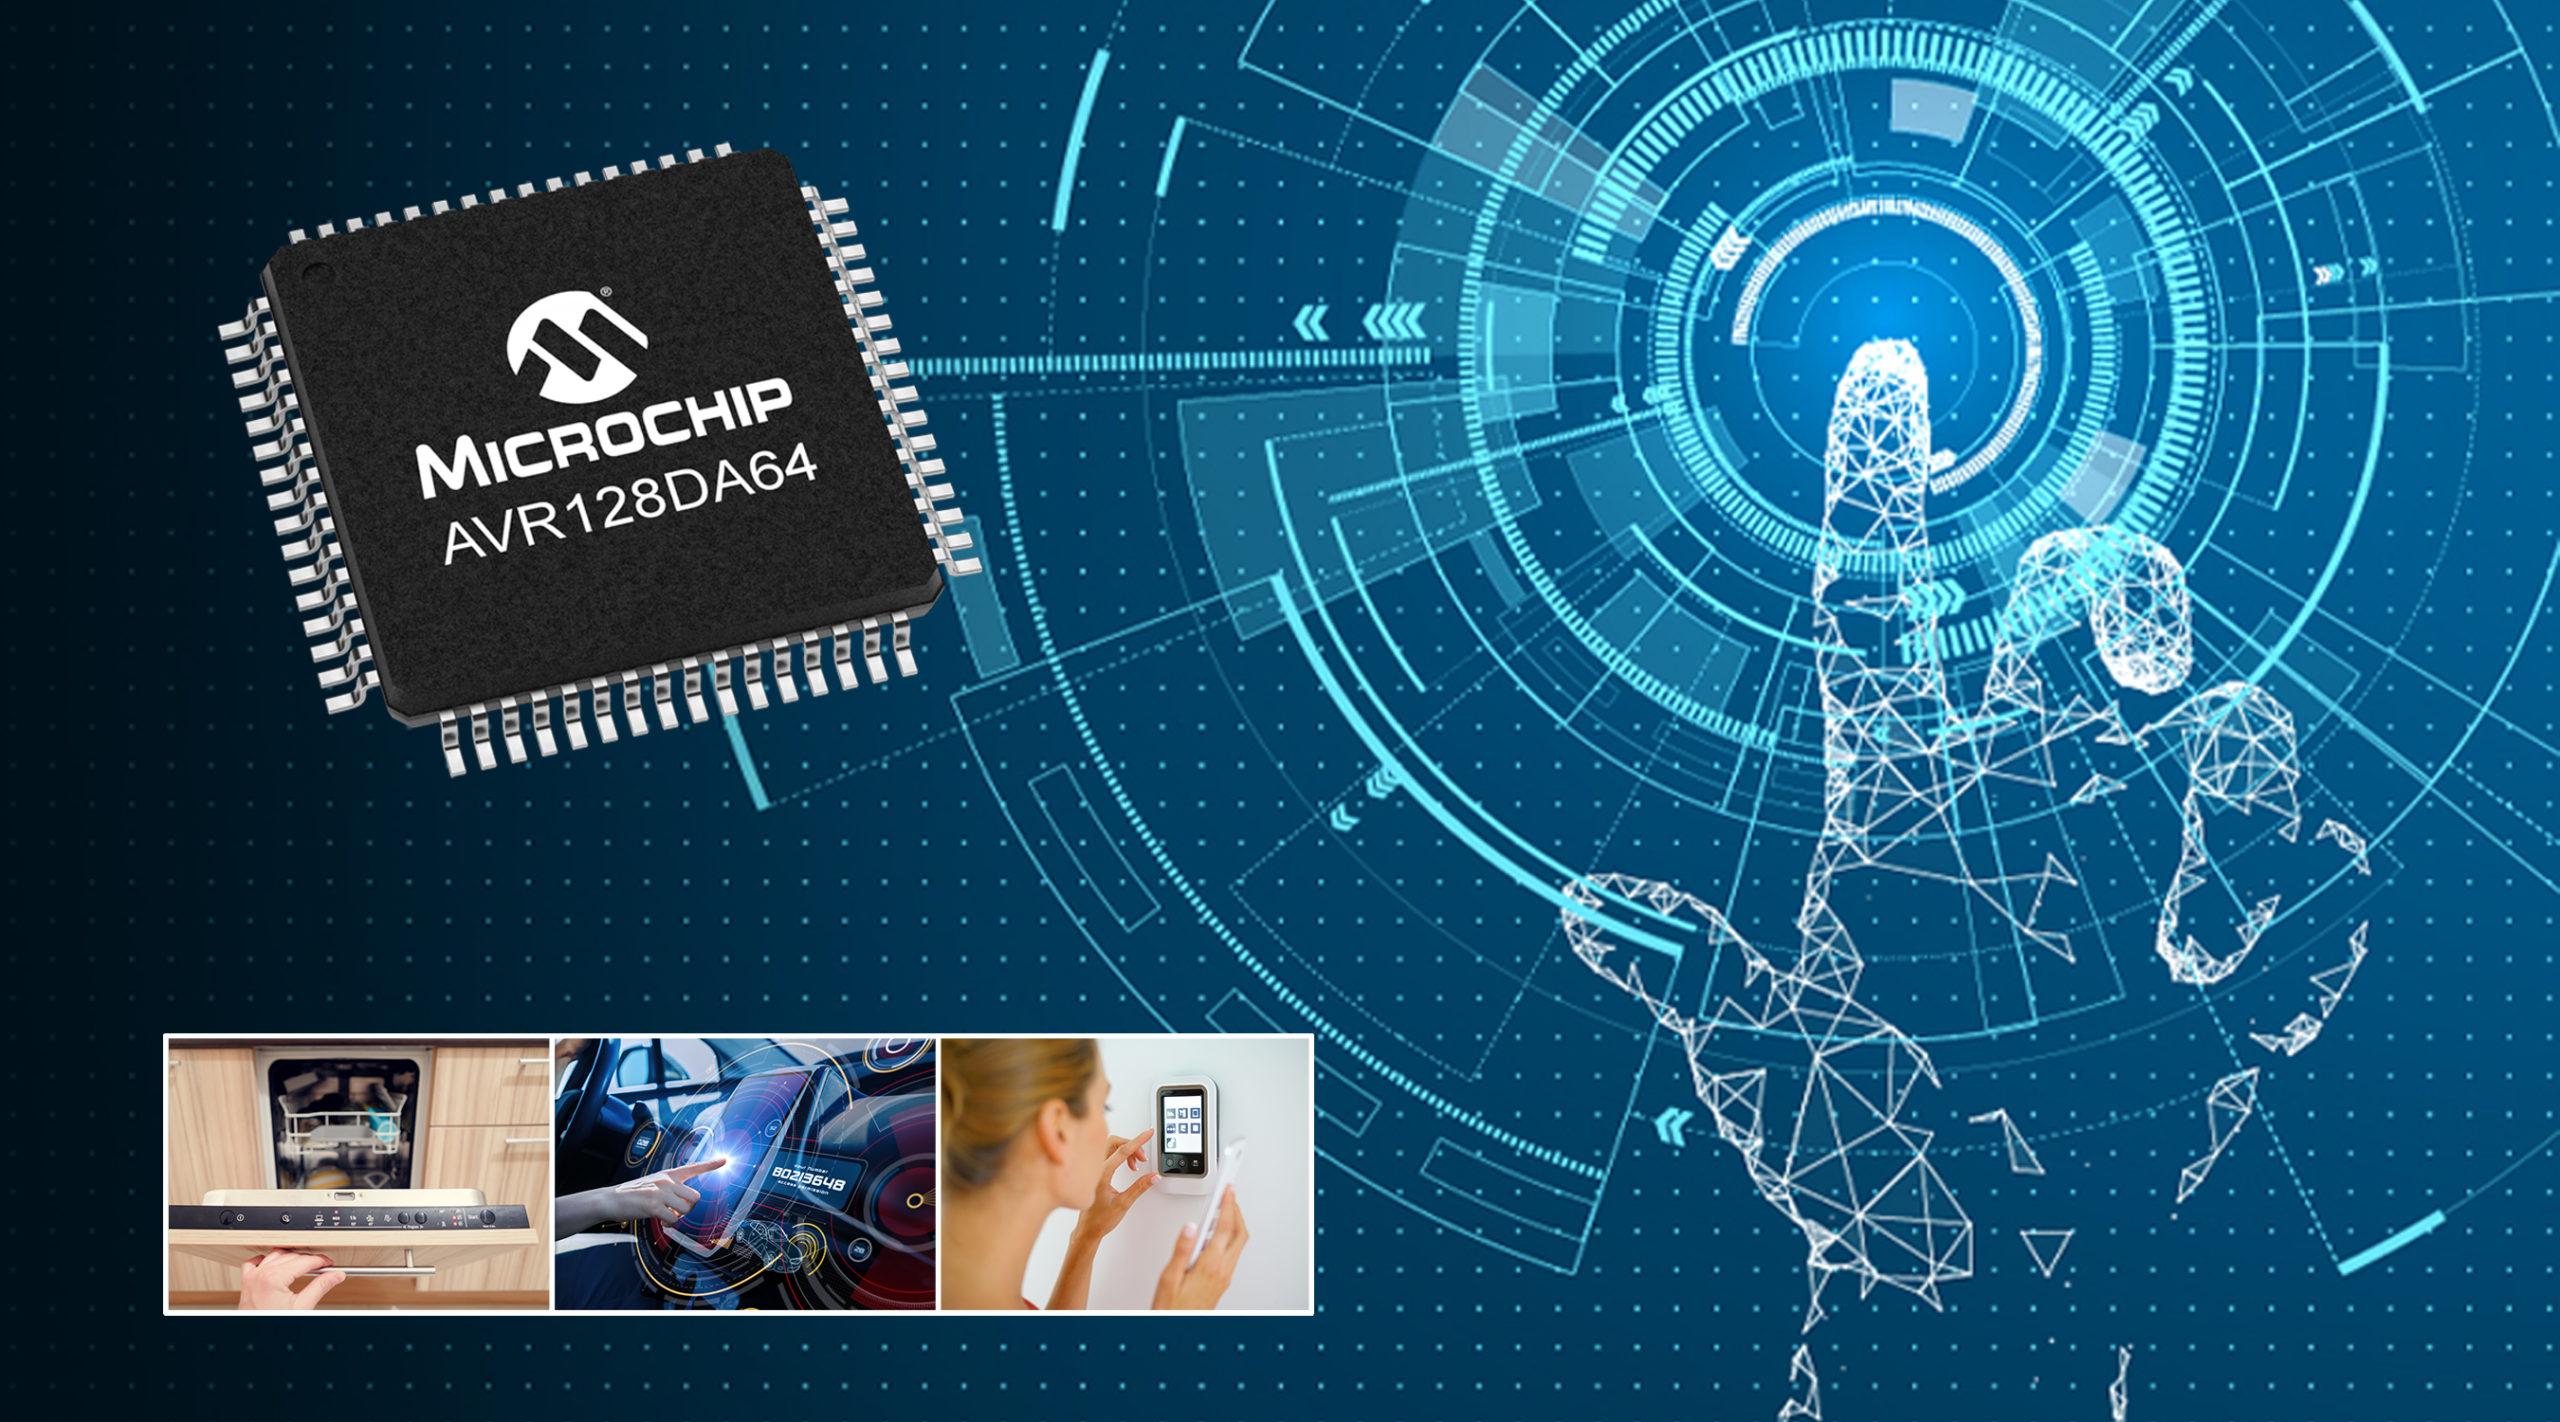 Новое семейство микроконтроллеров AVR DA от Microchip